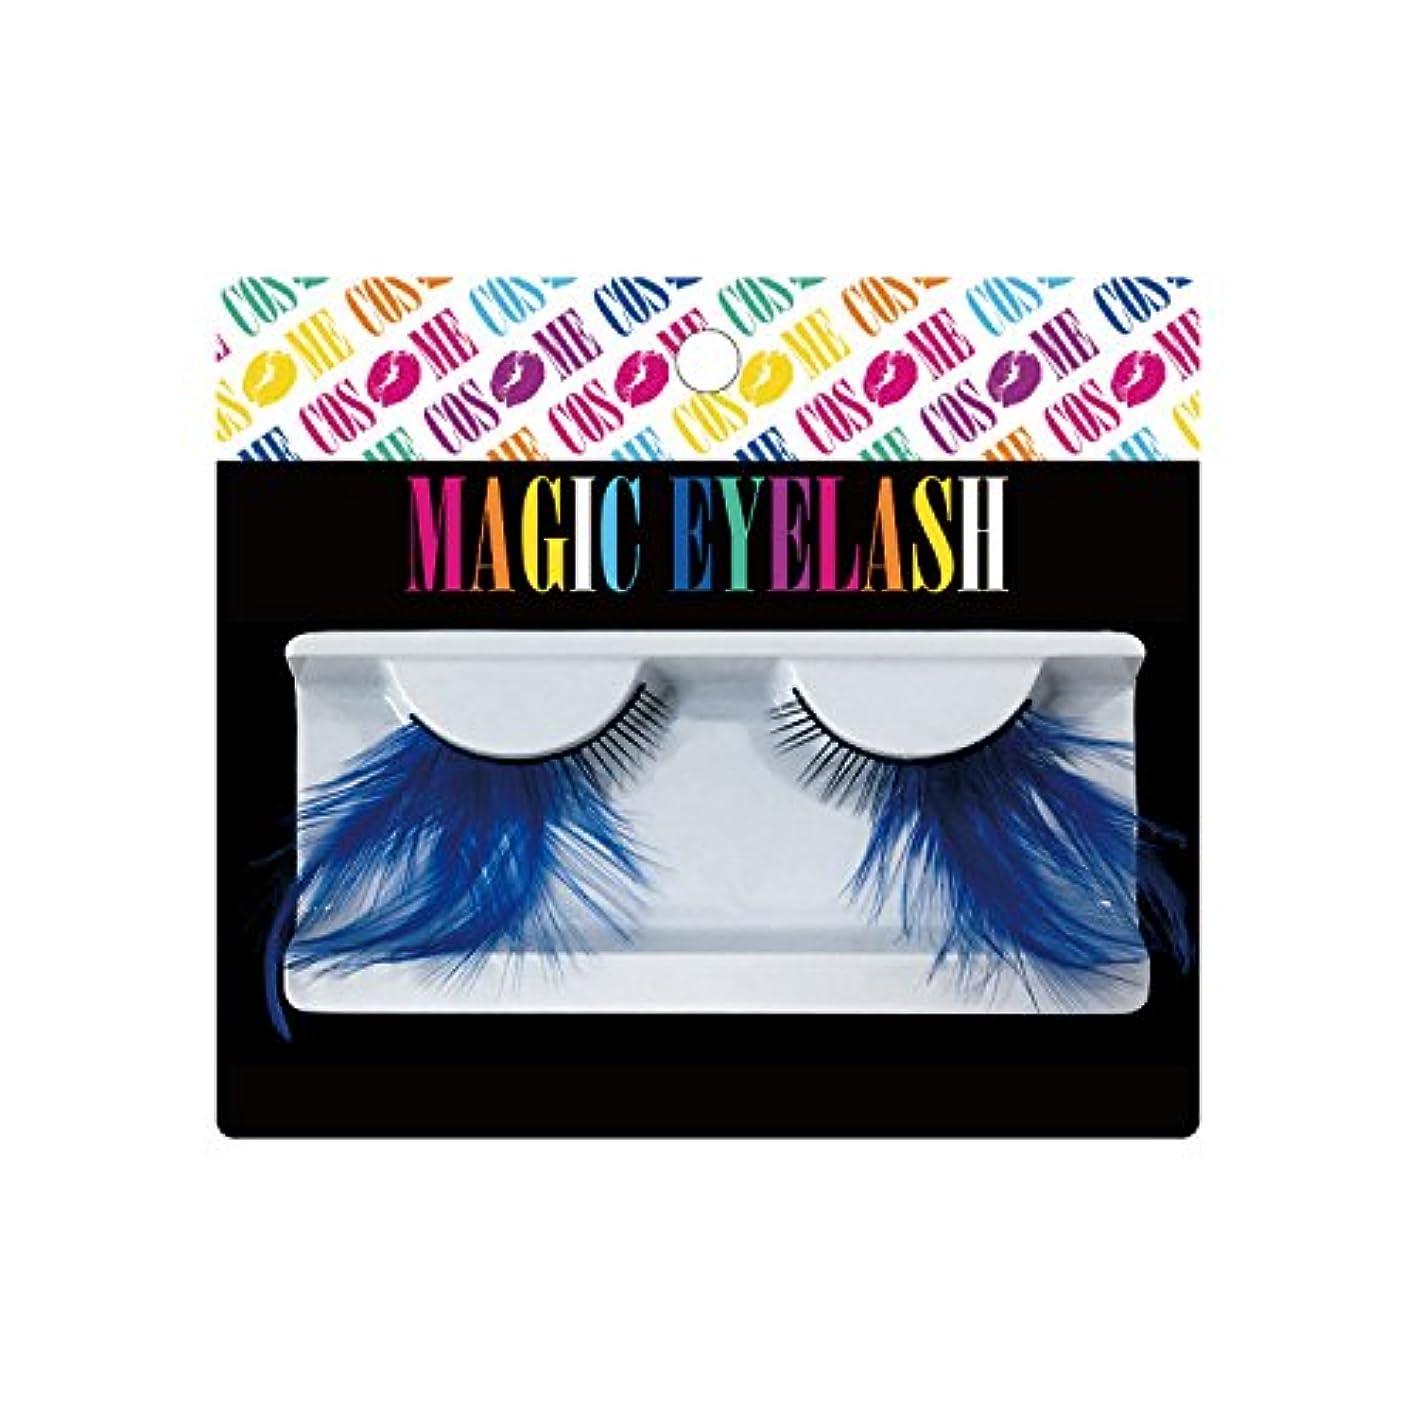 ホステス伝説レイアウトピュア つけまつげ MAGIC EYELASH マジック アイラッシュ #22